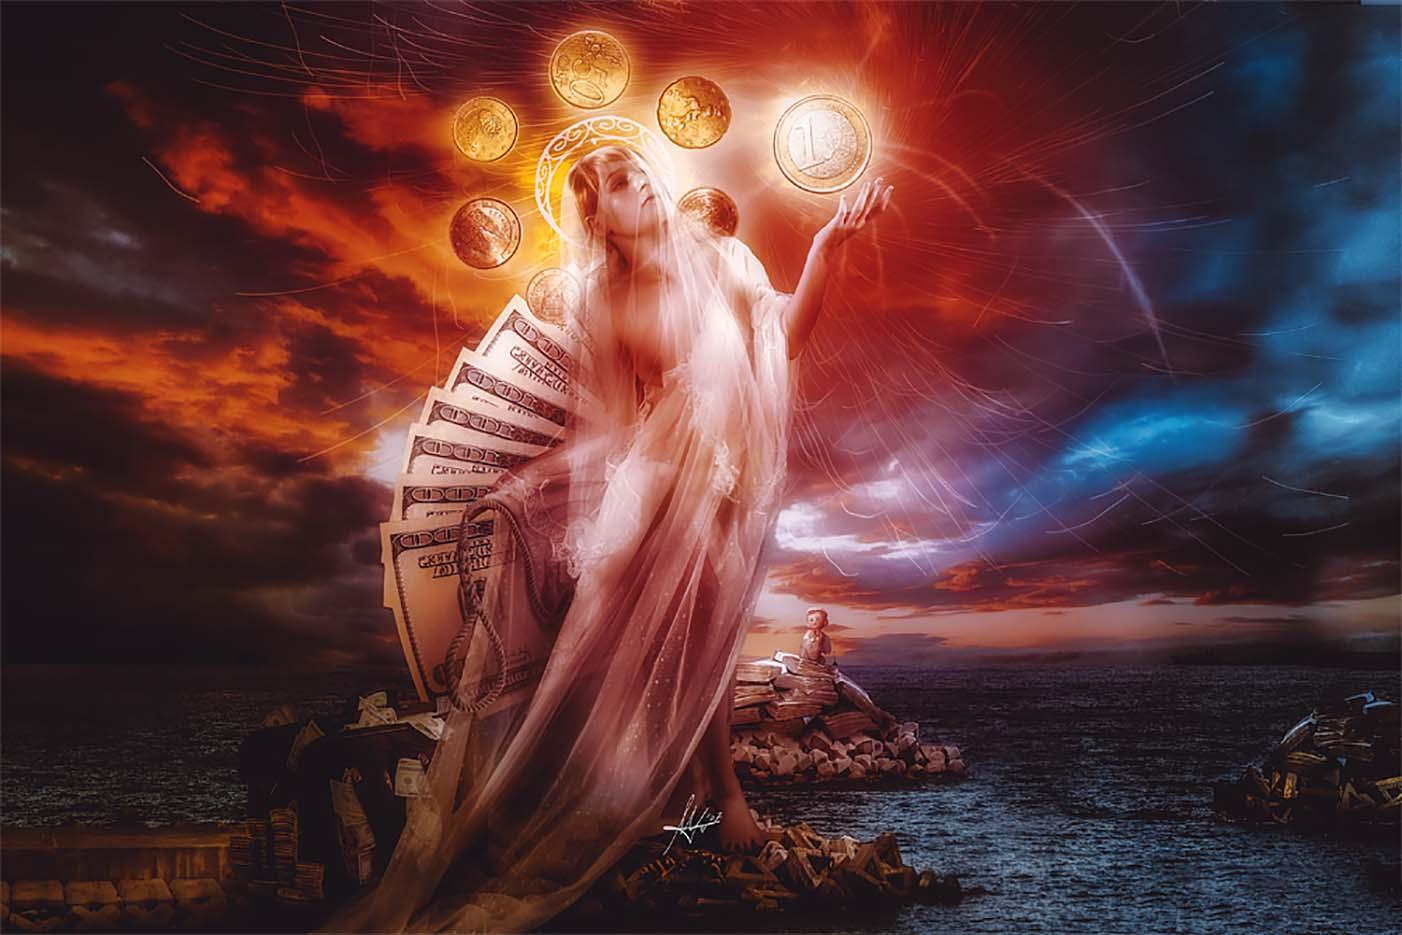 """Марио Санчес Невадо (Mario Sanchez Nevado) """"St Mary of coins"""""""